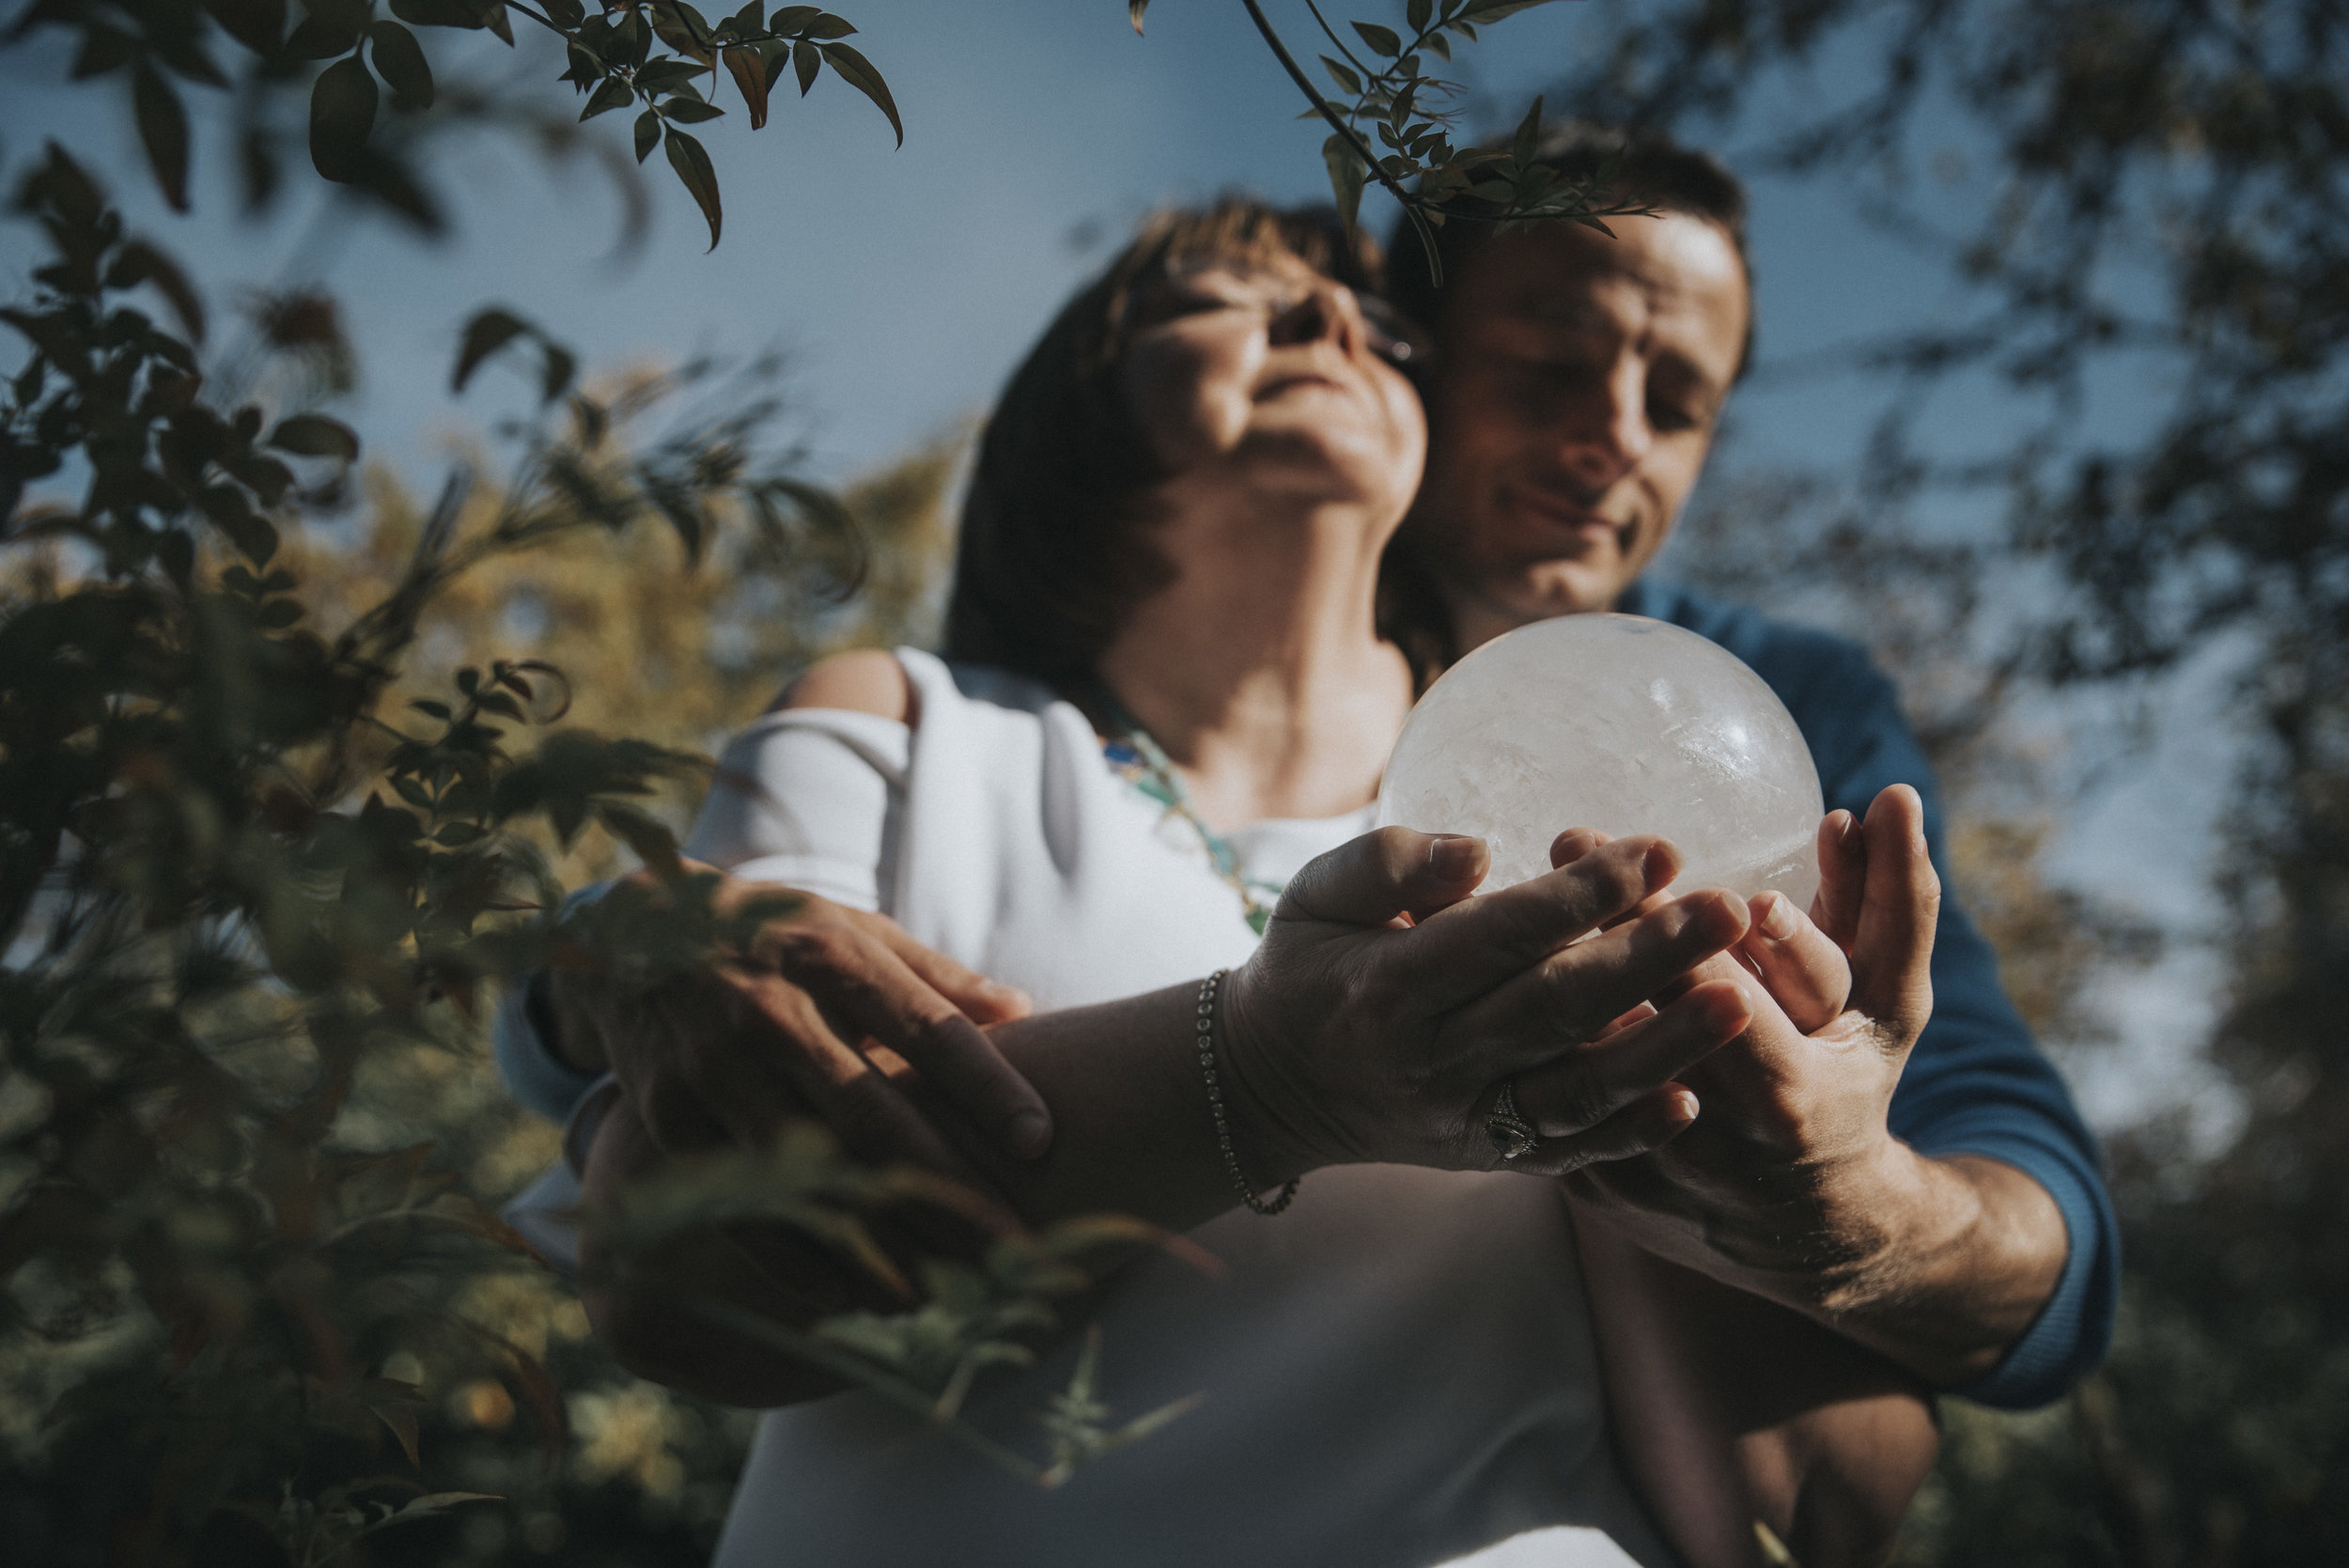 Melanie Orr Photography - Conscious Union--2.jpg